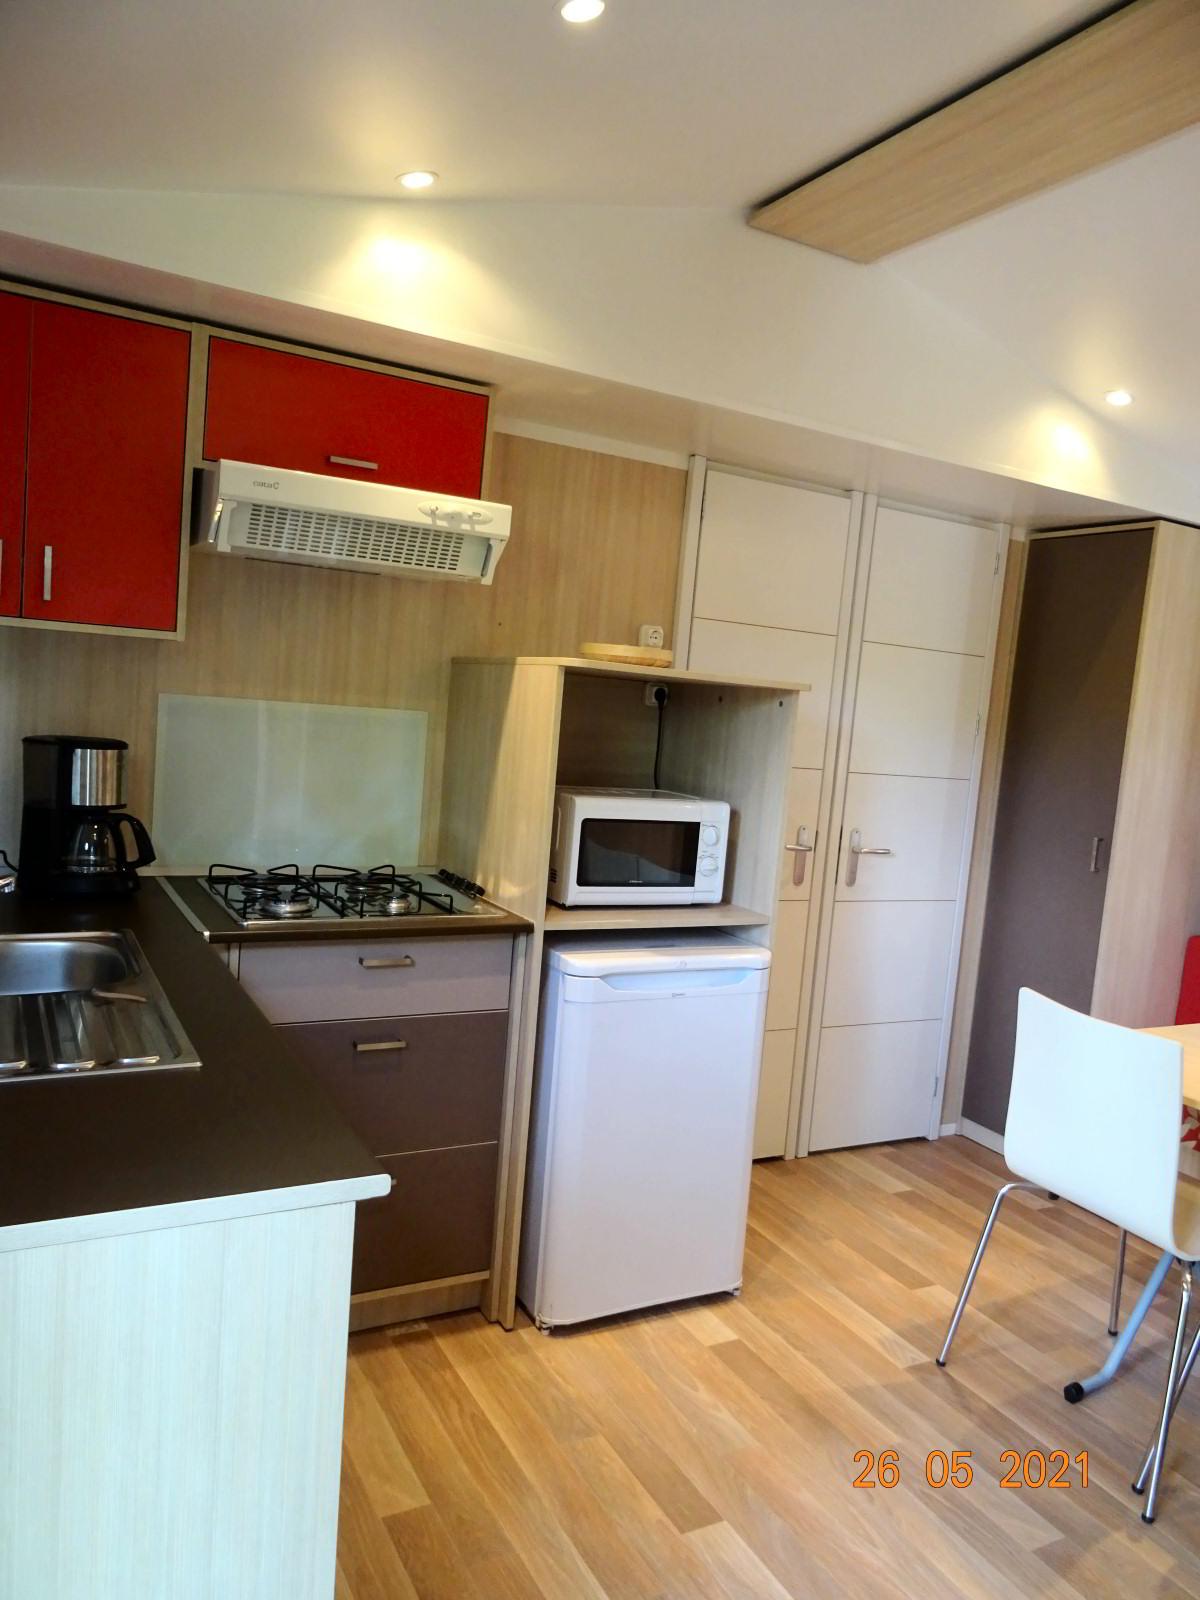 2 Schlafzimmer Mobilheim Küchenbereich